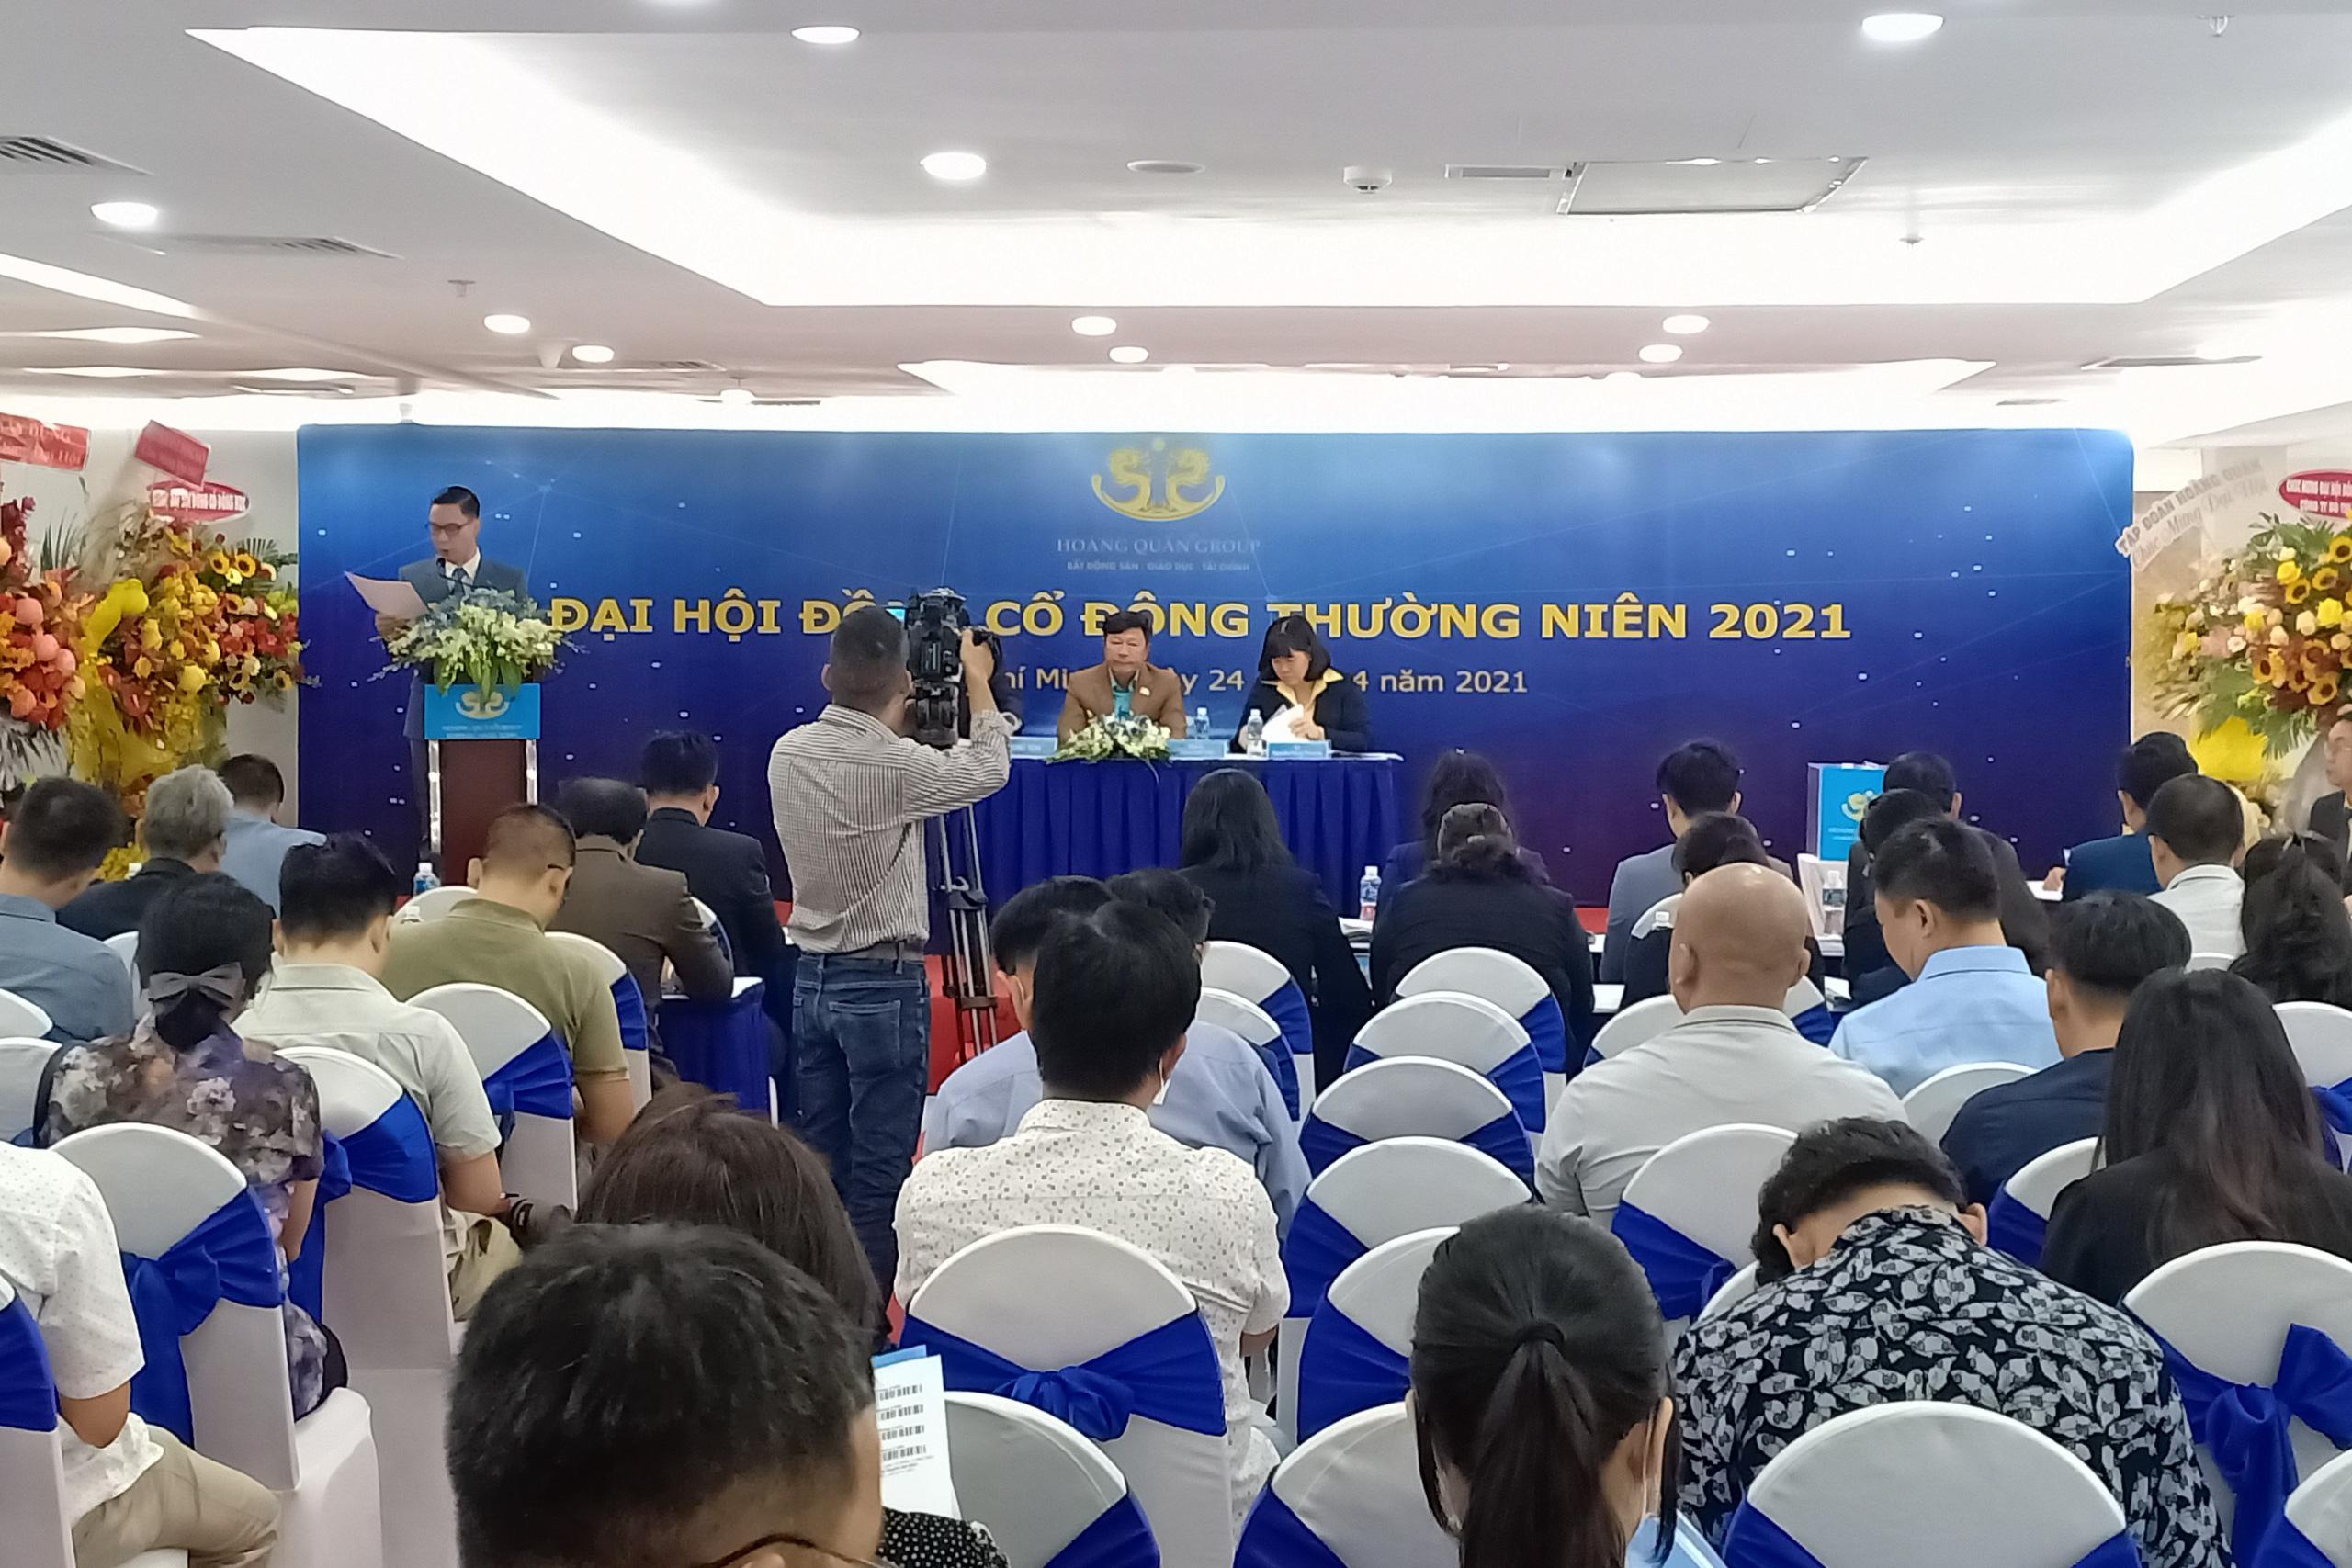 ĐHĐCĐ Địa ốc Hoàng Quân: Hợp tác làm 7 dự án cao cấp tại TP HCM, triển khai KCN ở Bình Thuận